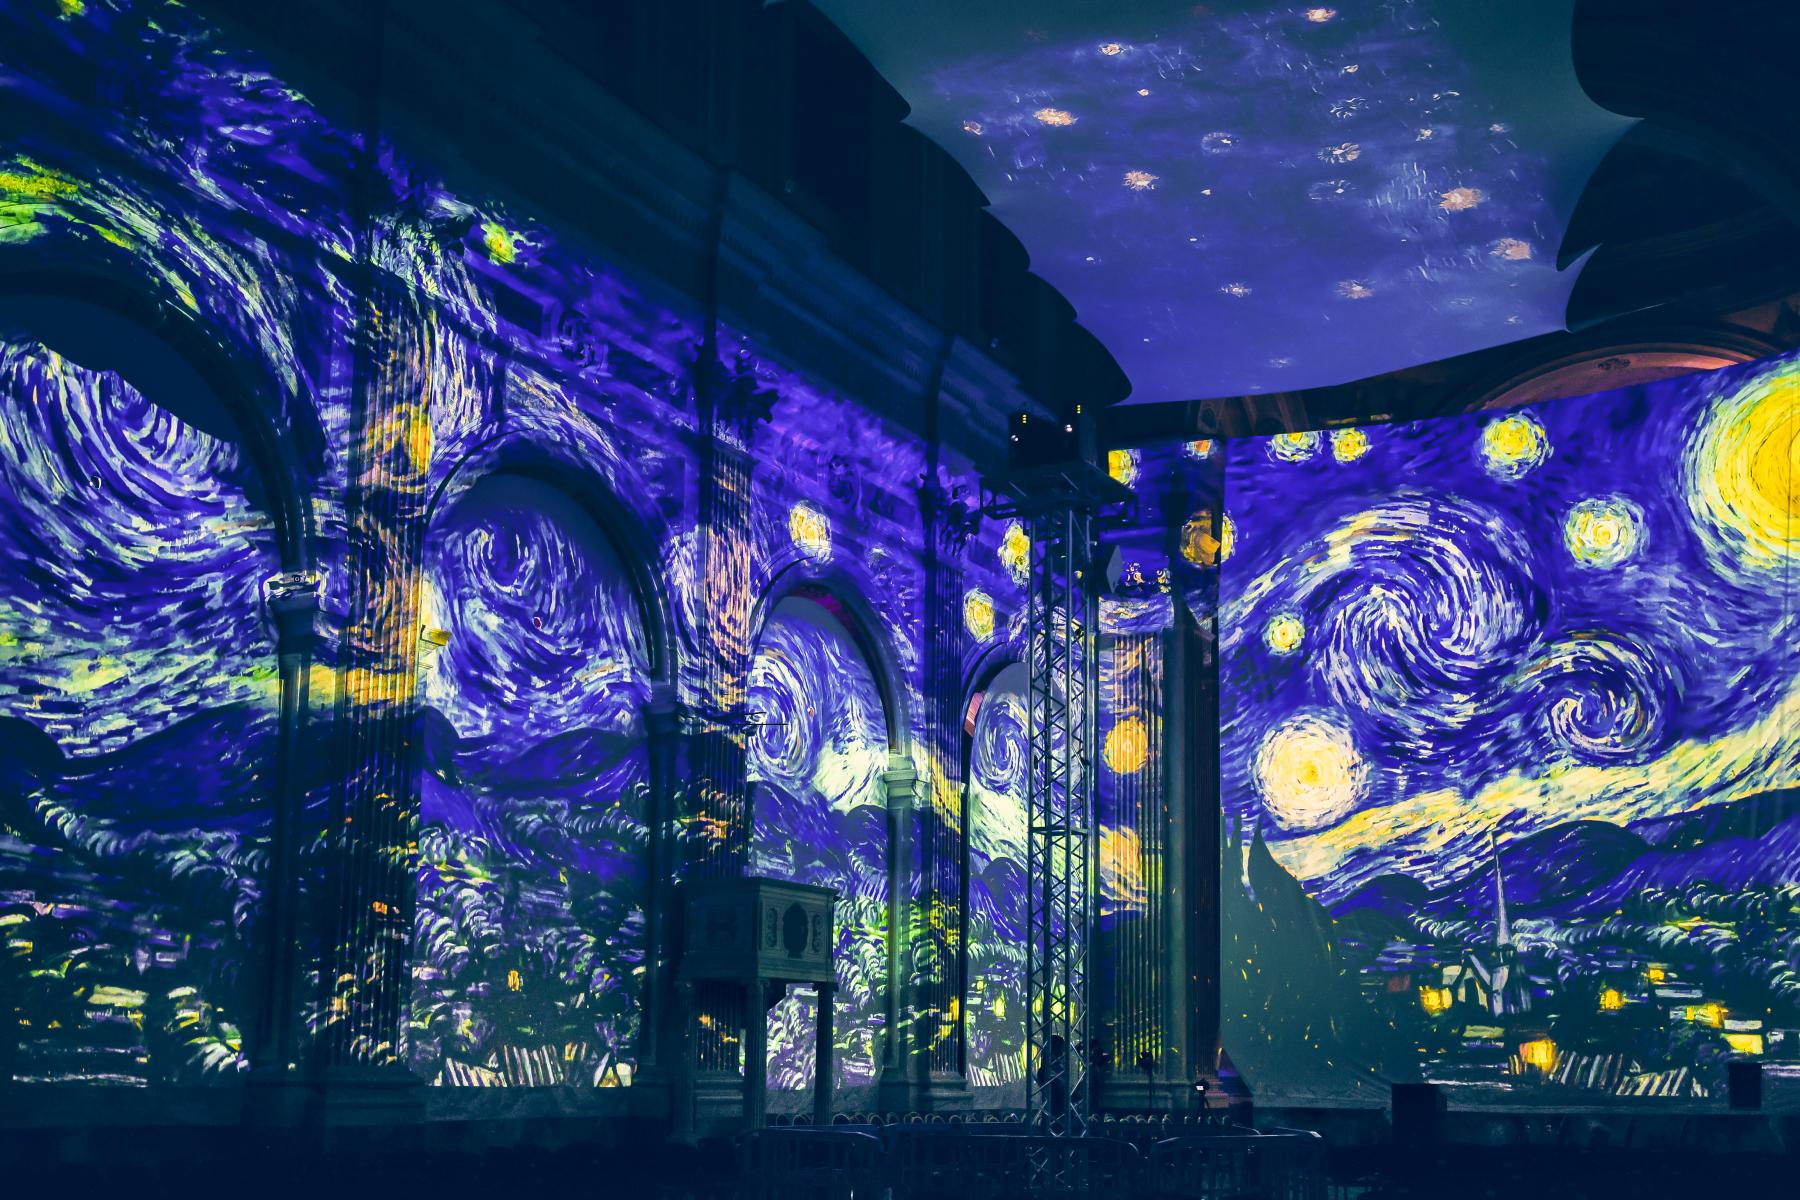 Van-Gogh-Linz-2020_4